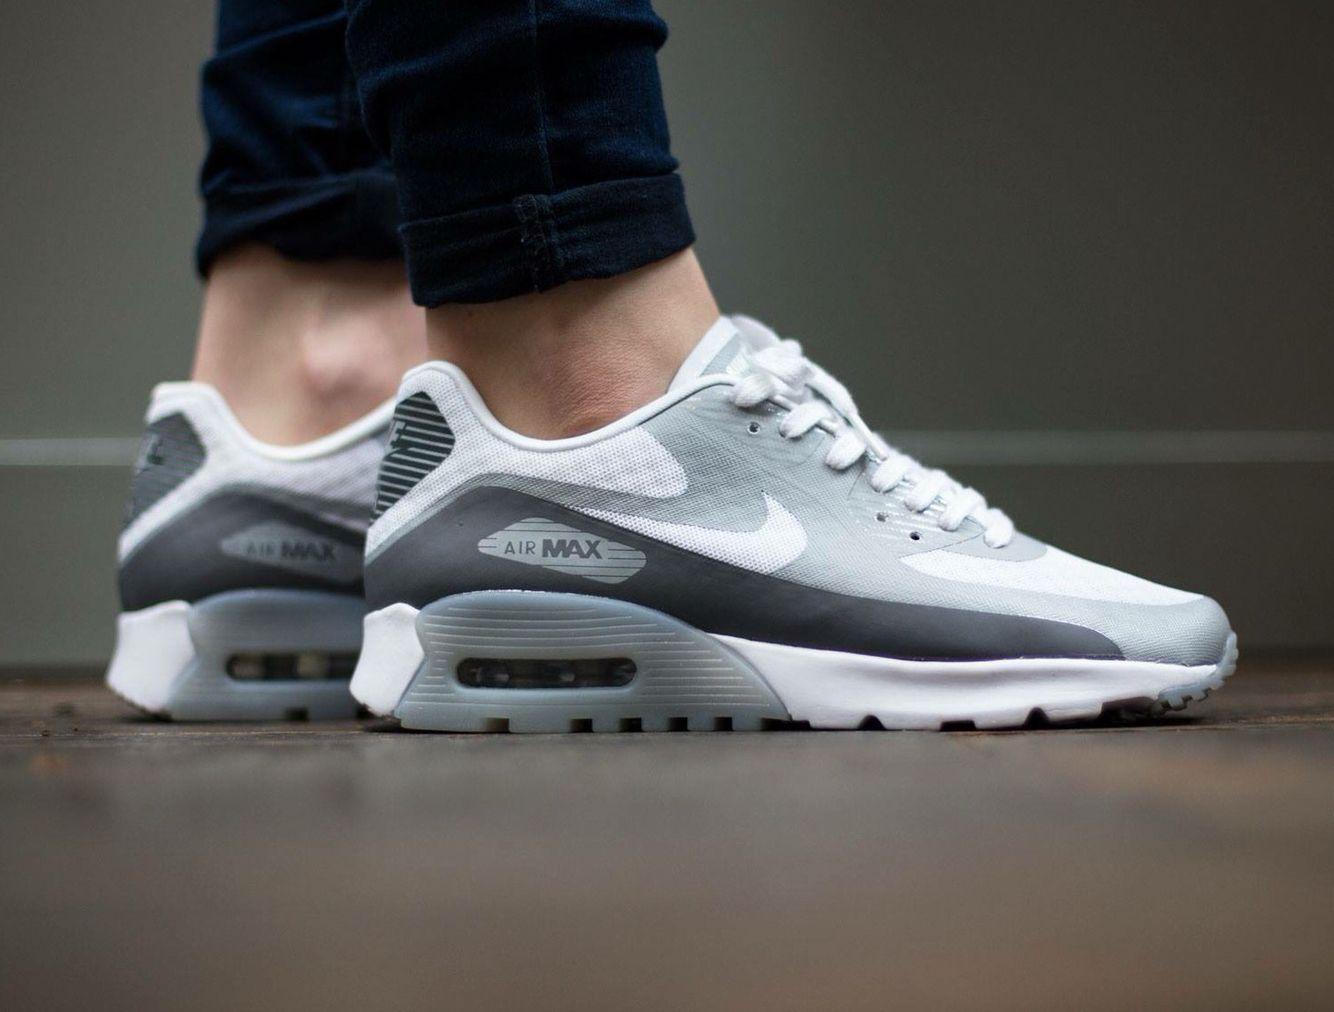 promo code f08cd da0c2 ... Nike Air Max 90 Ultra Breeze Grey ...